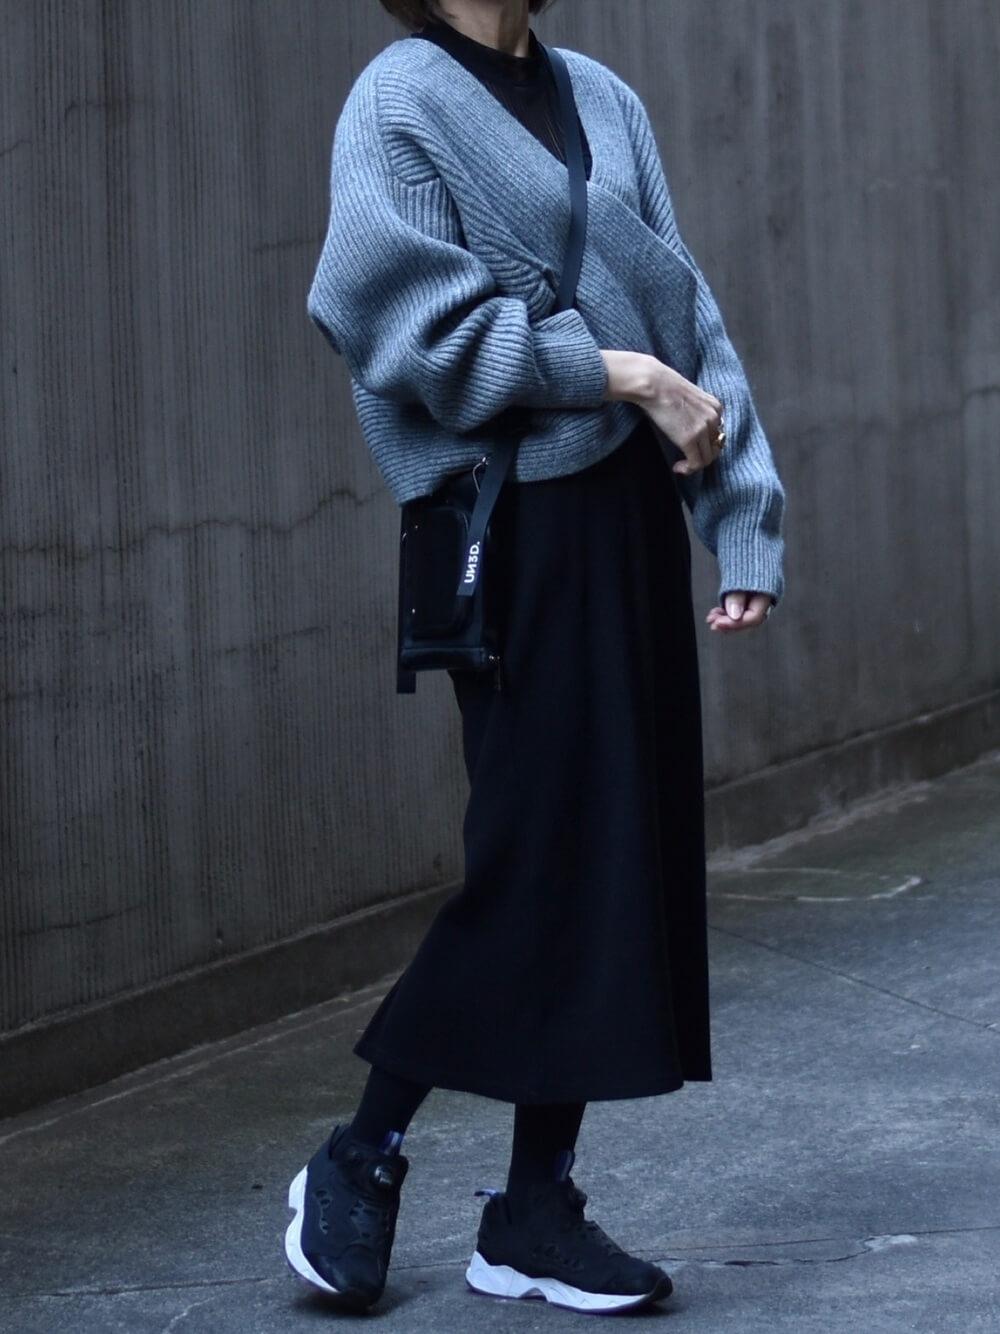 ポンプフューリー×グレーのクロスニットセーター×黒のシアカットソー×黒のタイトロングスカート